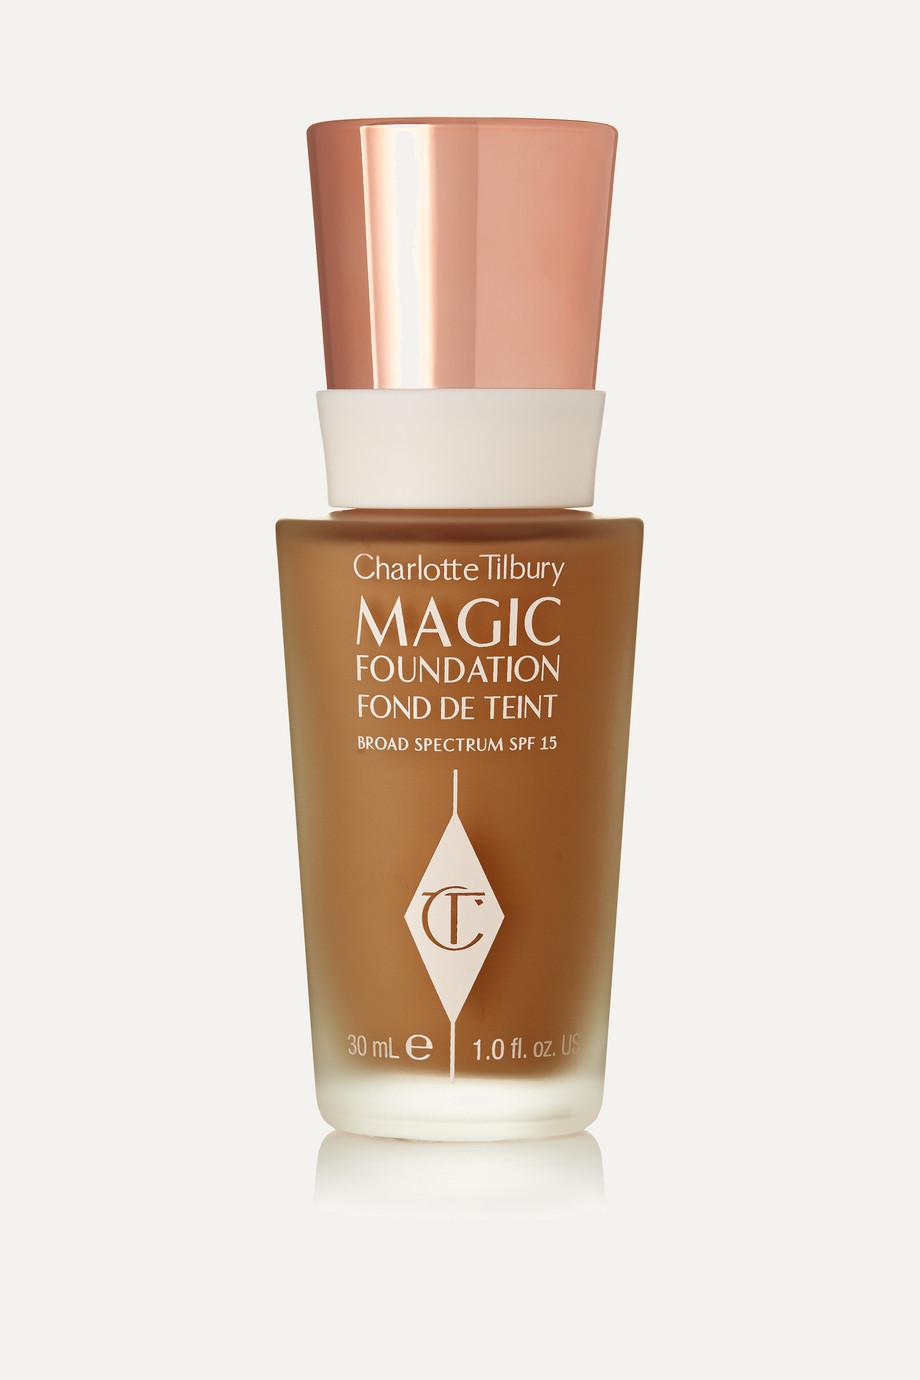 Charlotte Tilbury Fond de teint zéro défaut tenue longue durée Magic Foundation SPF 15, Shade 9.5, 30 ml